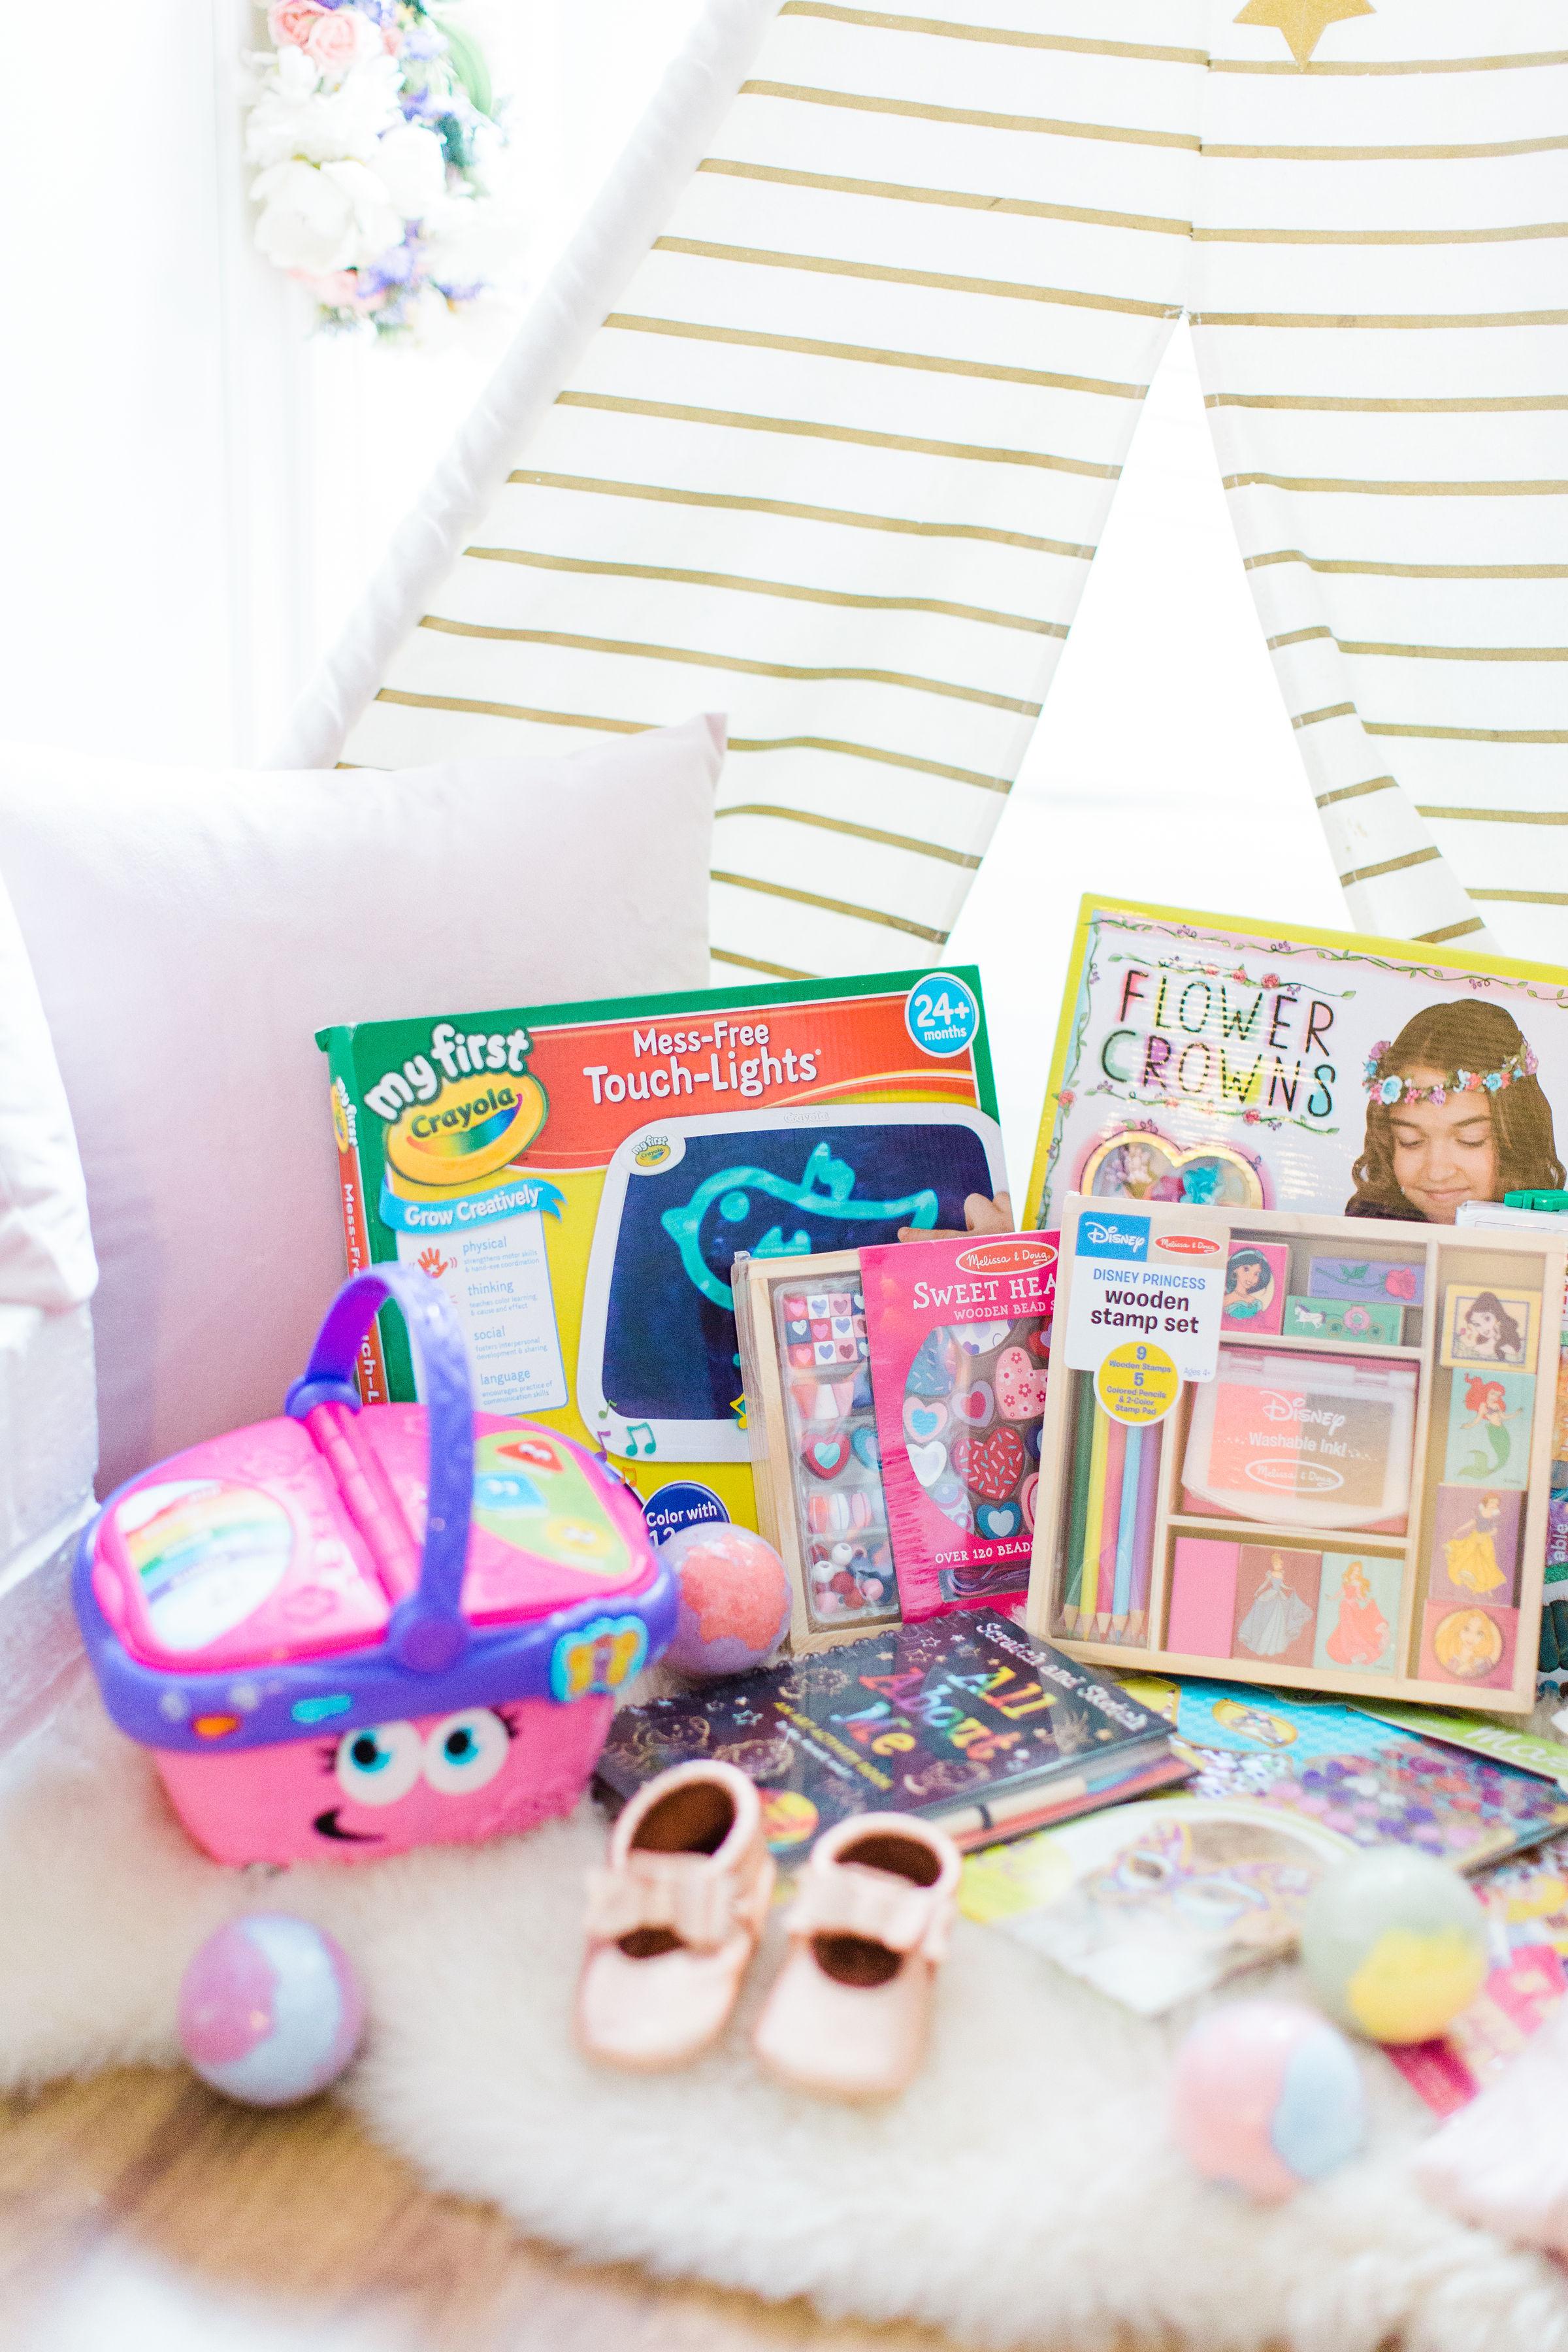 #giftguide #kidstoys   glitterinc.com   @glitterinc